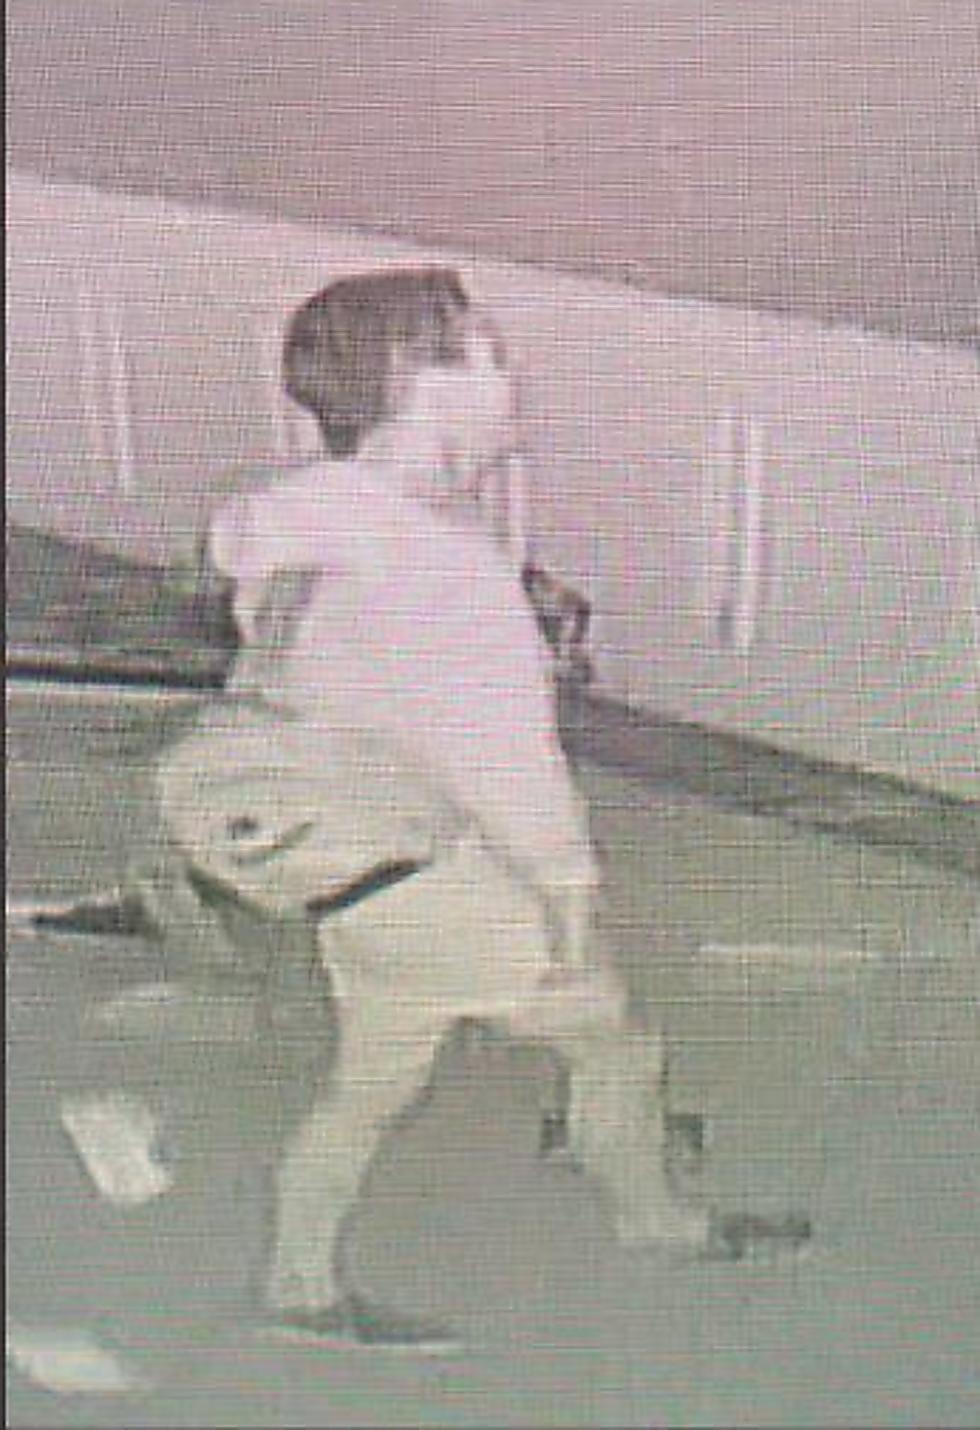 משטרת לוס-אנג'לס פרסמה את תמונת החשוד בוונדליזם, כפי שנתפס במצלמות האבטחה ()